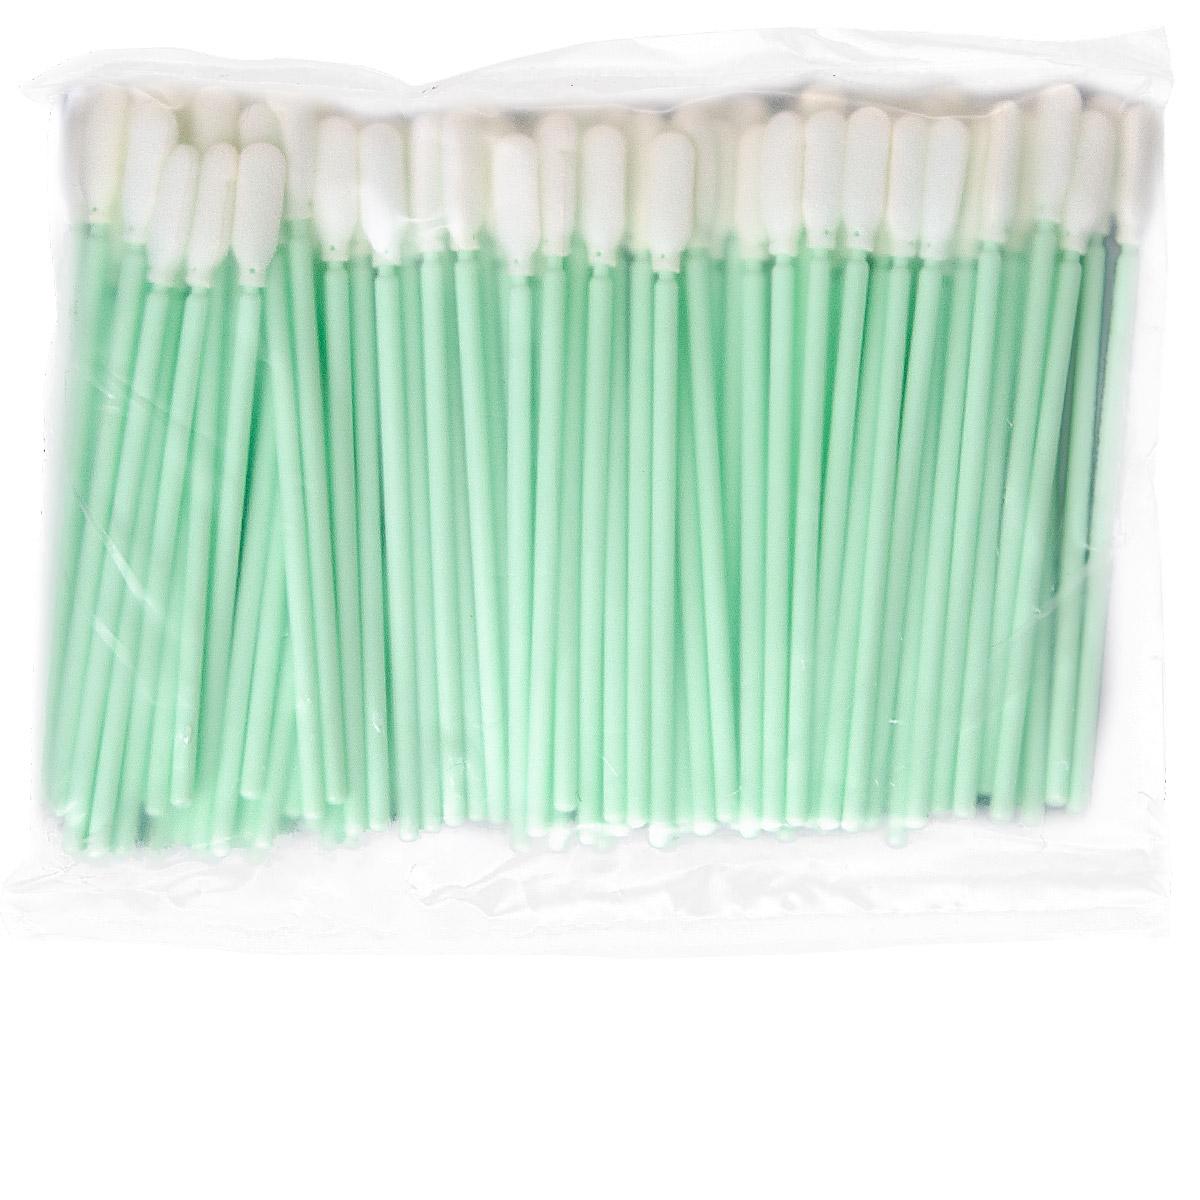 50x Reinigungsstäbchen M  | Cleaning Sticks für Druckköpfe | Großformatdrucker